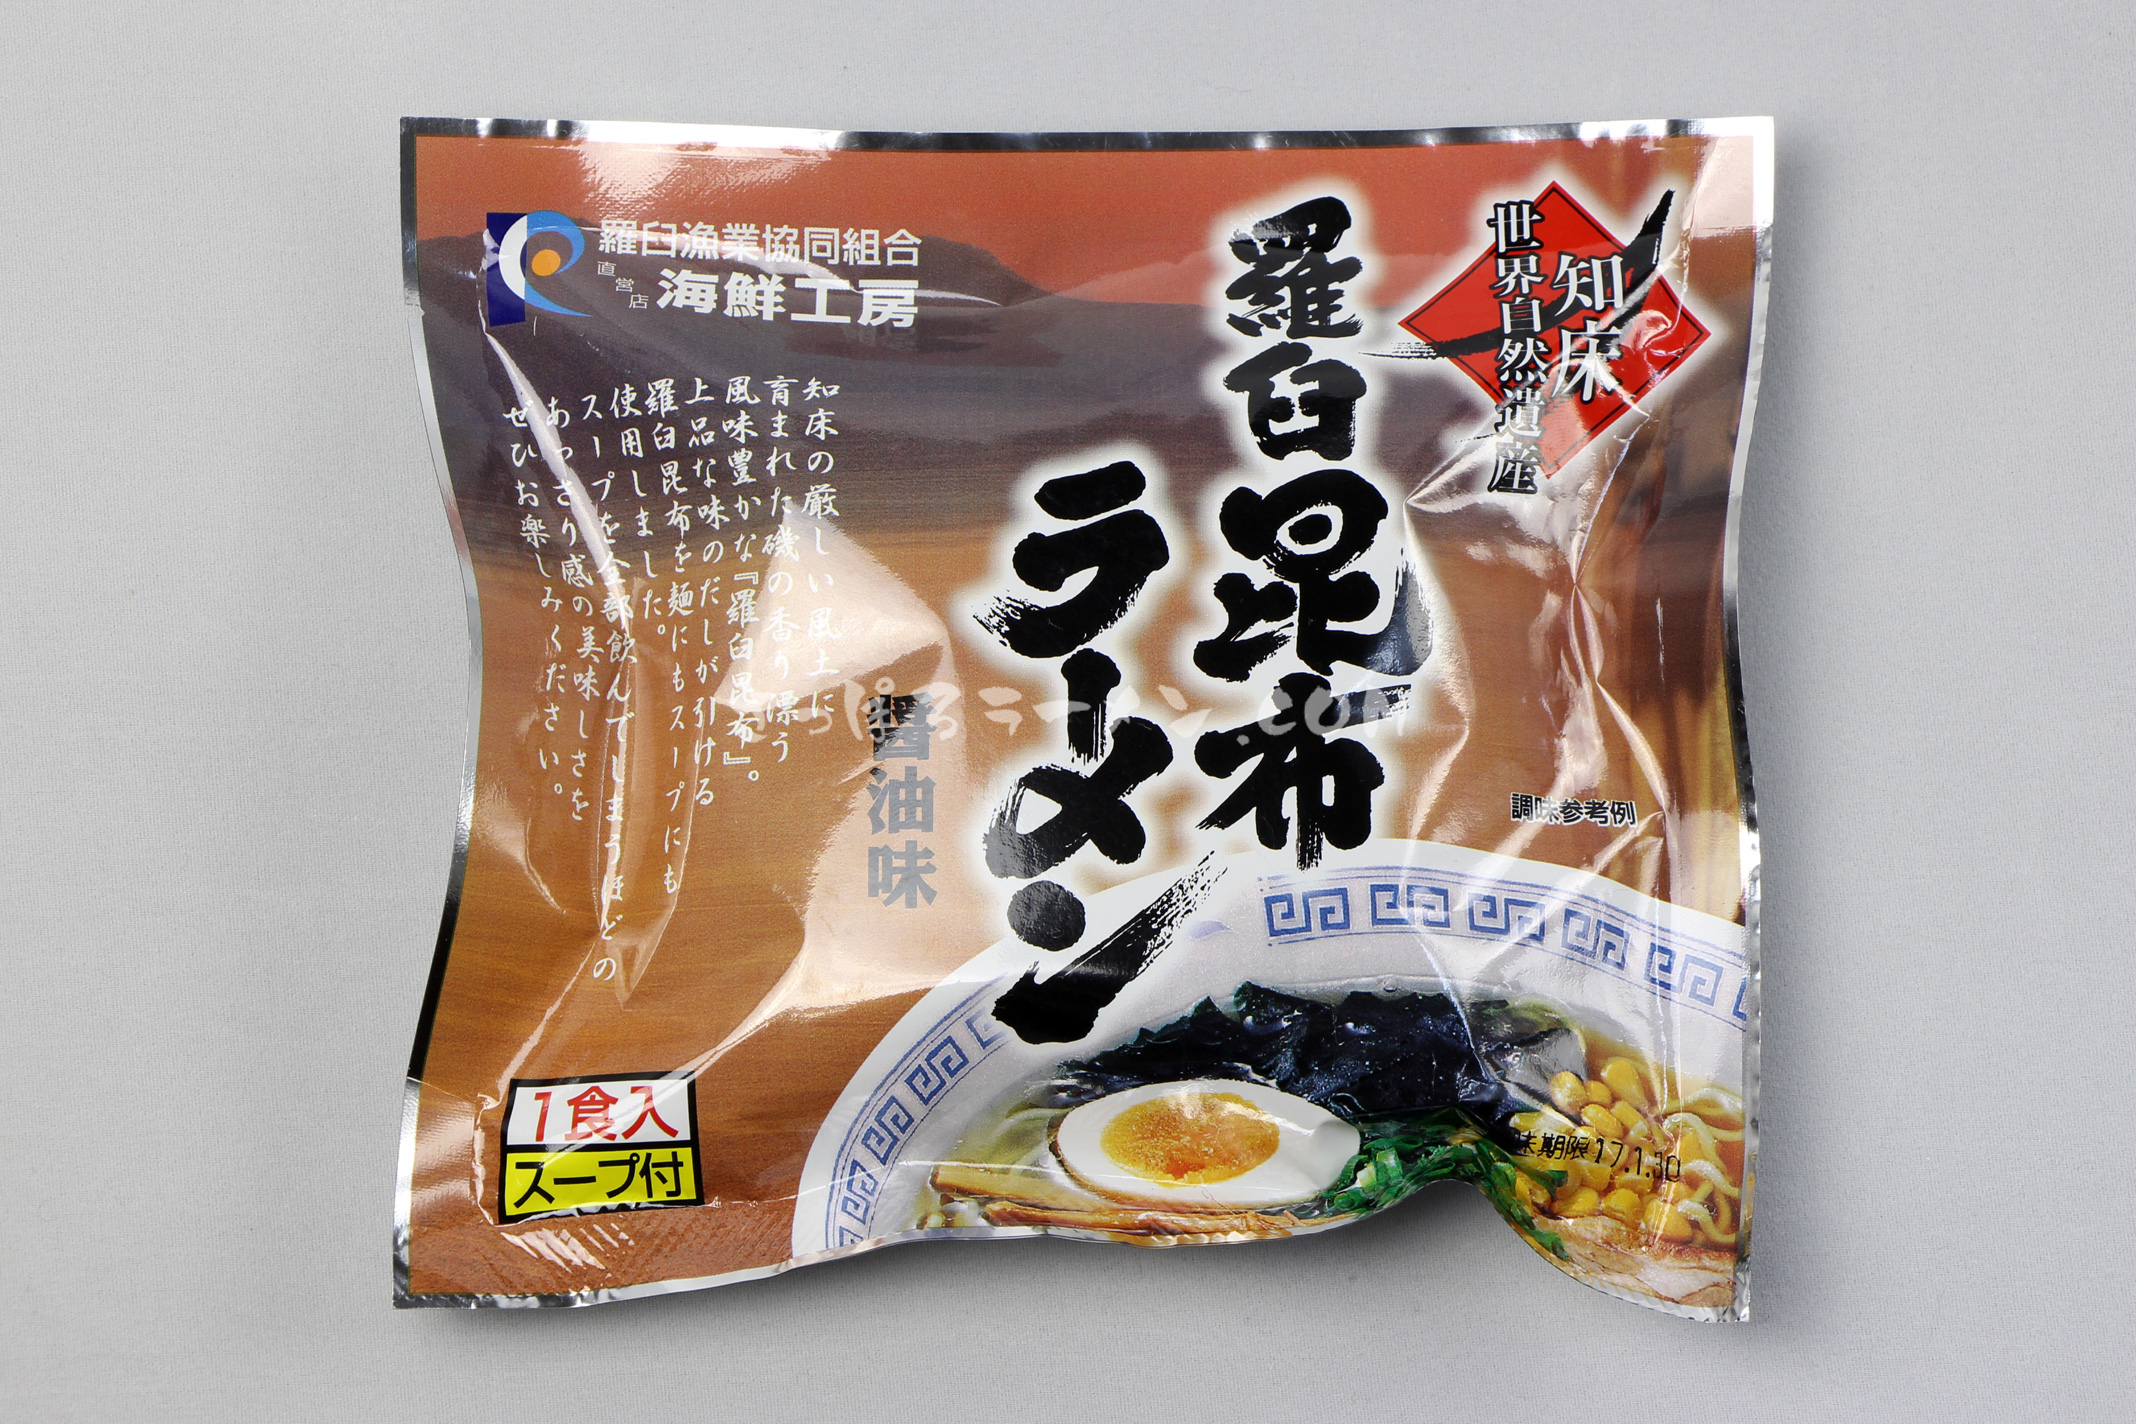 「羅臼昆布らーめん」(羅臼漁業協同組合)のパッケージ(表)